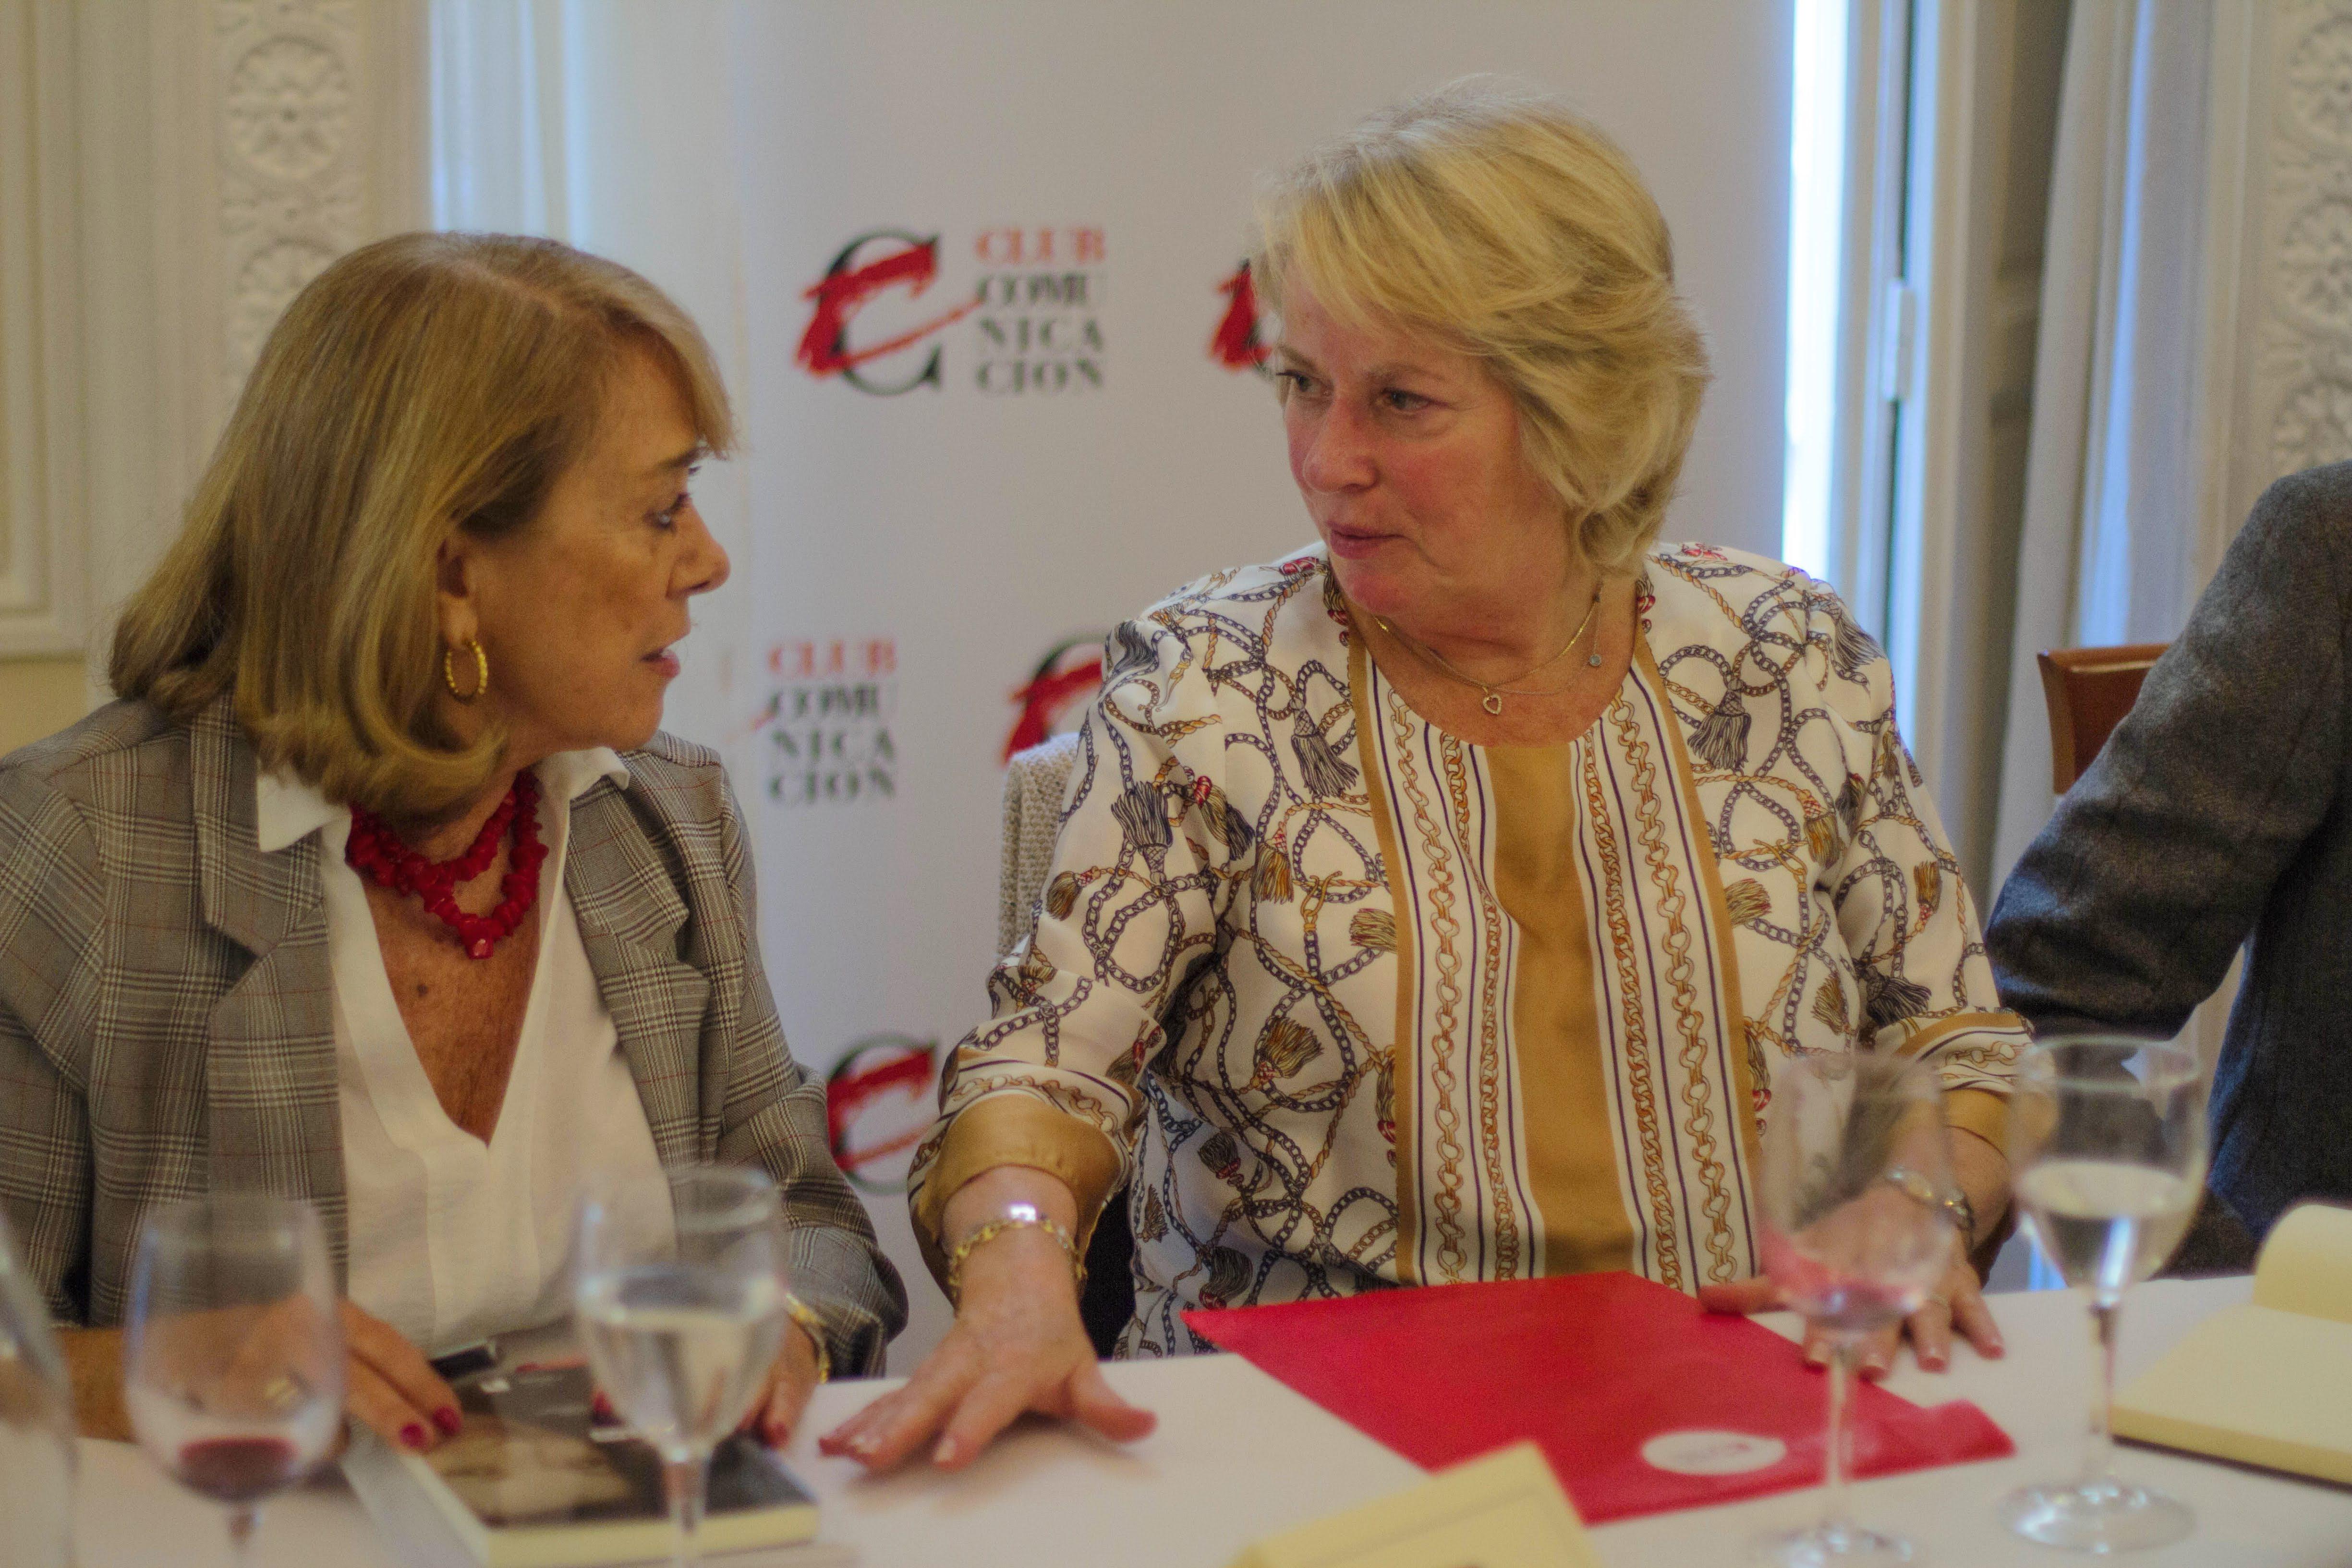 Patricia Weissz